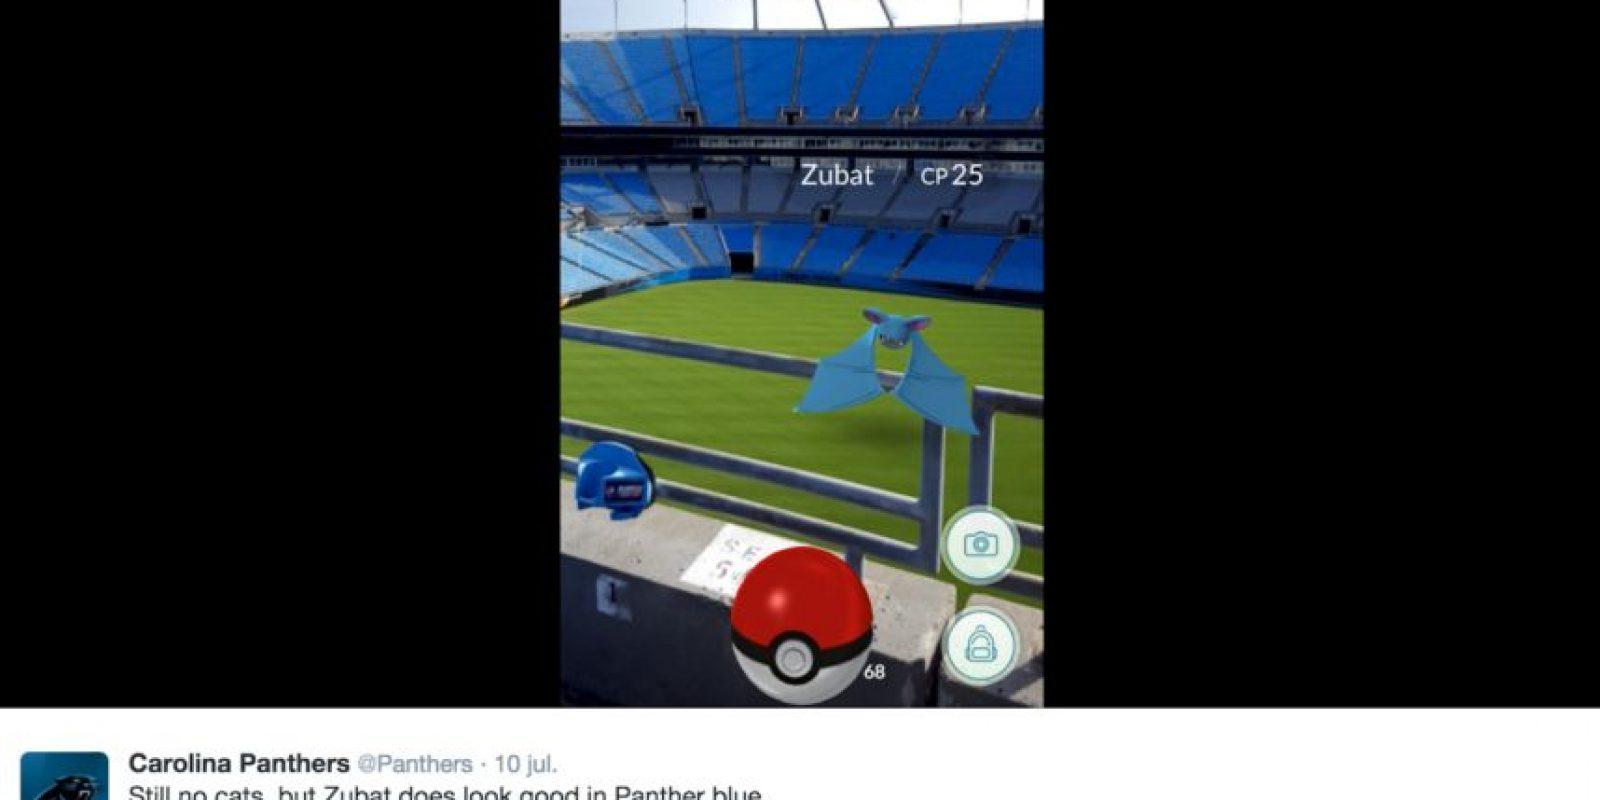 En los estatadio de Estados Unidos, los pokémon han aparecido por todos lados Foto:Twitter Panthers